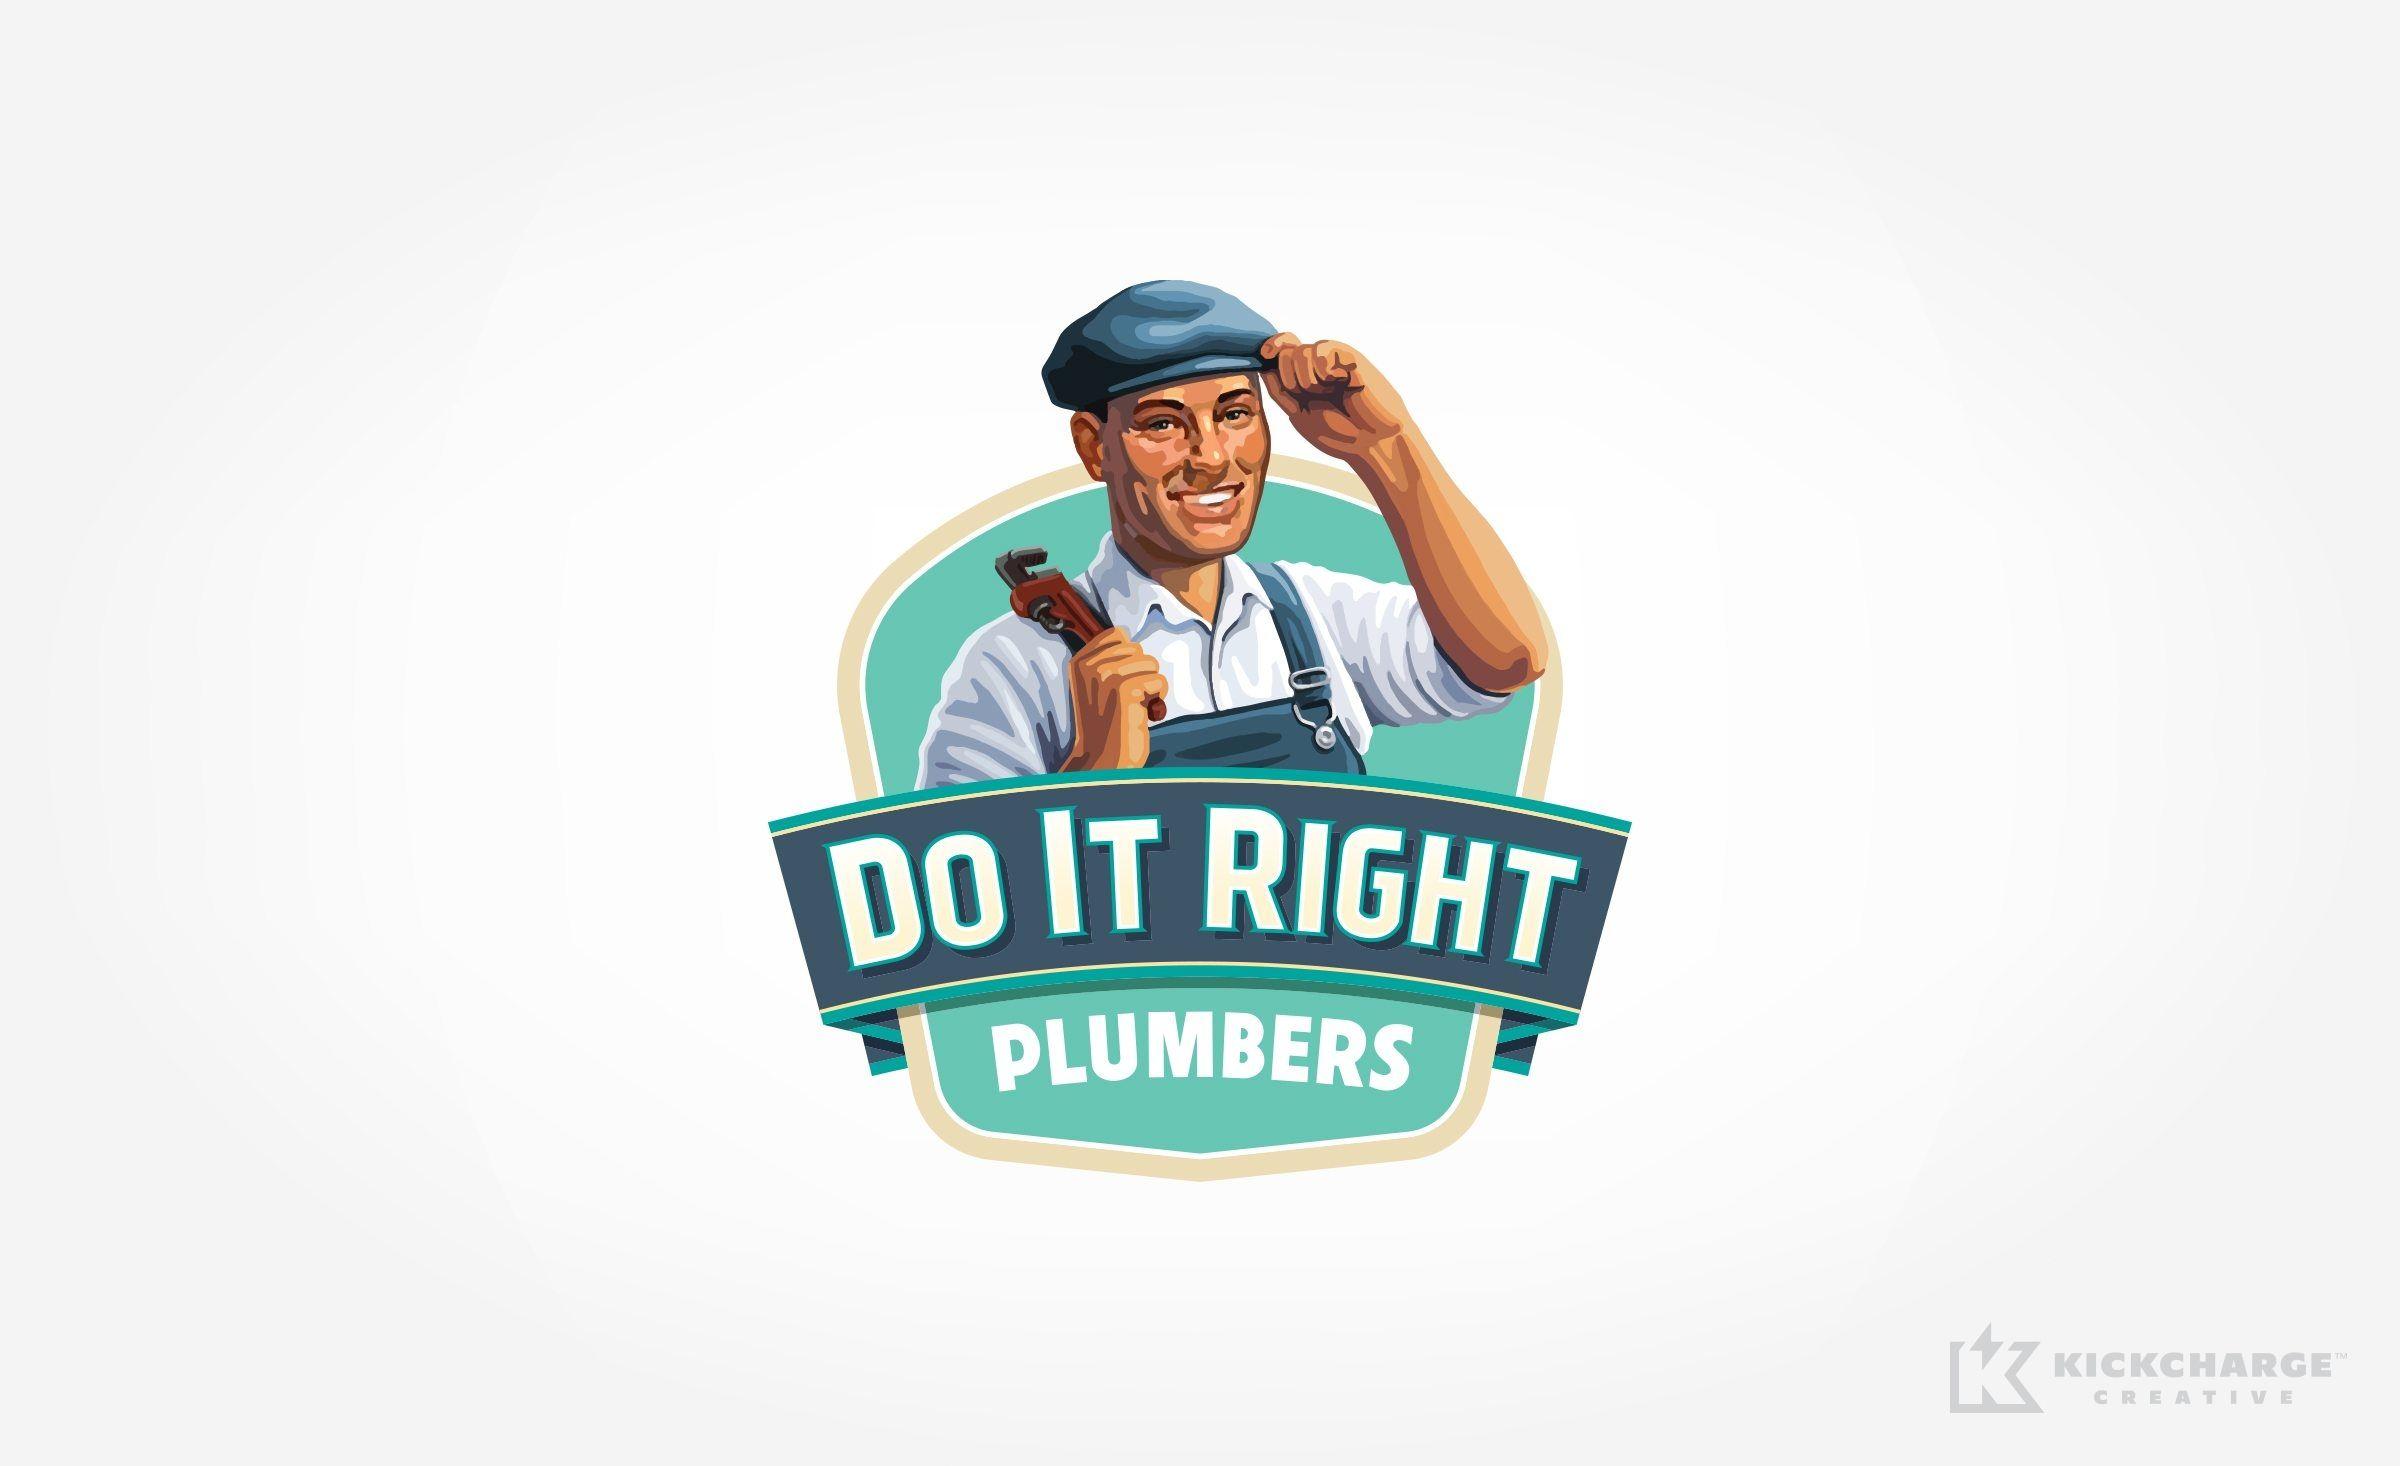 Logo design for do it right plumbers nj advertising